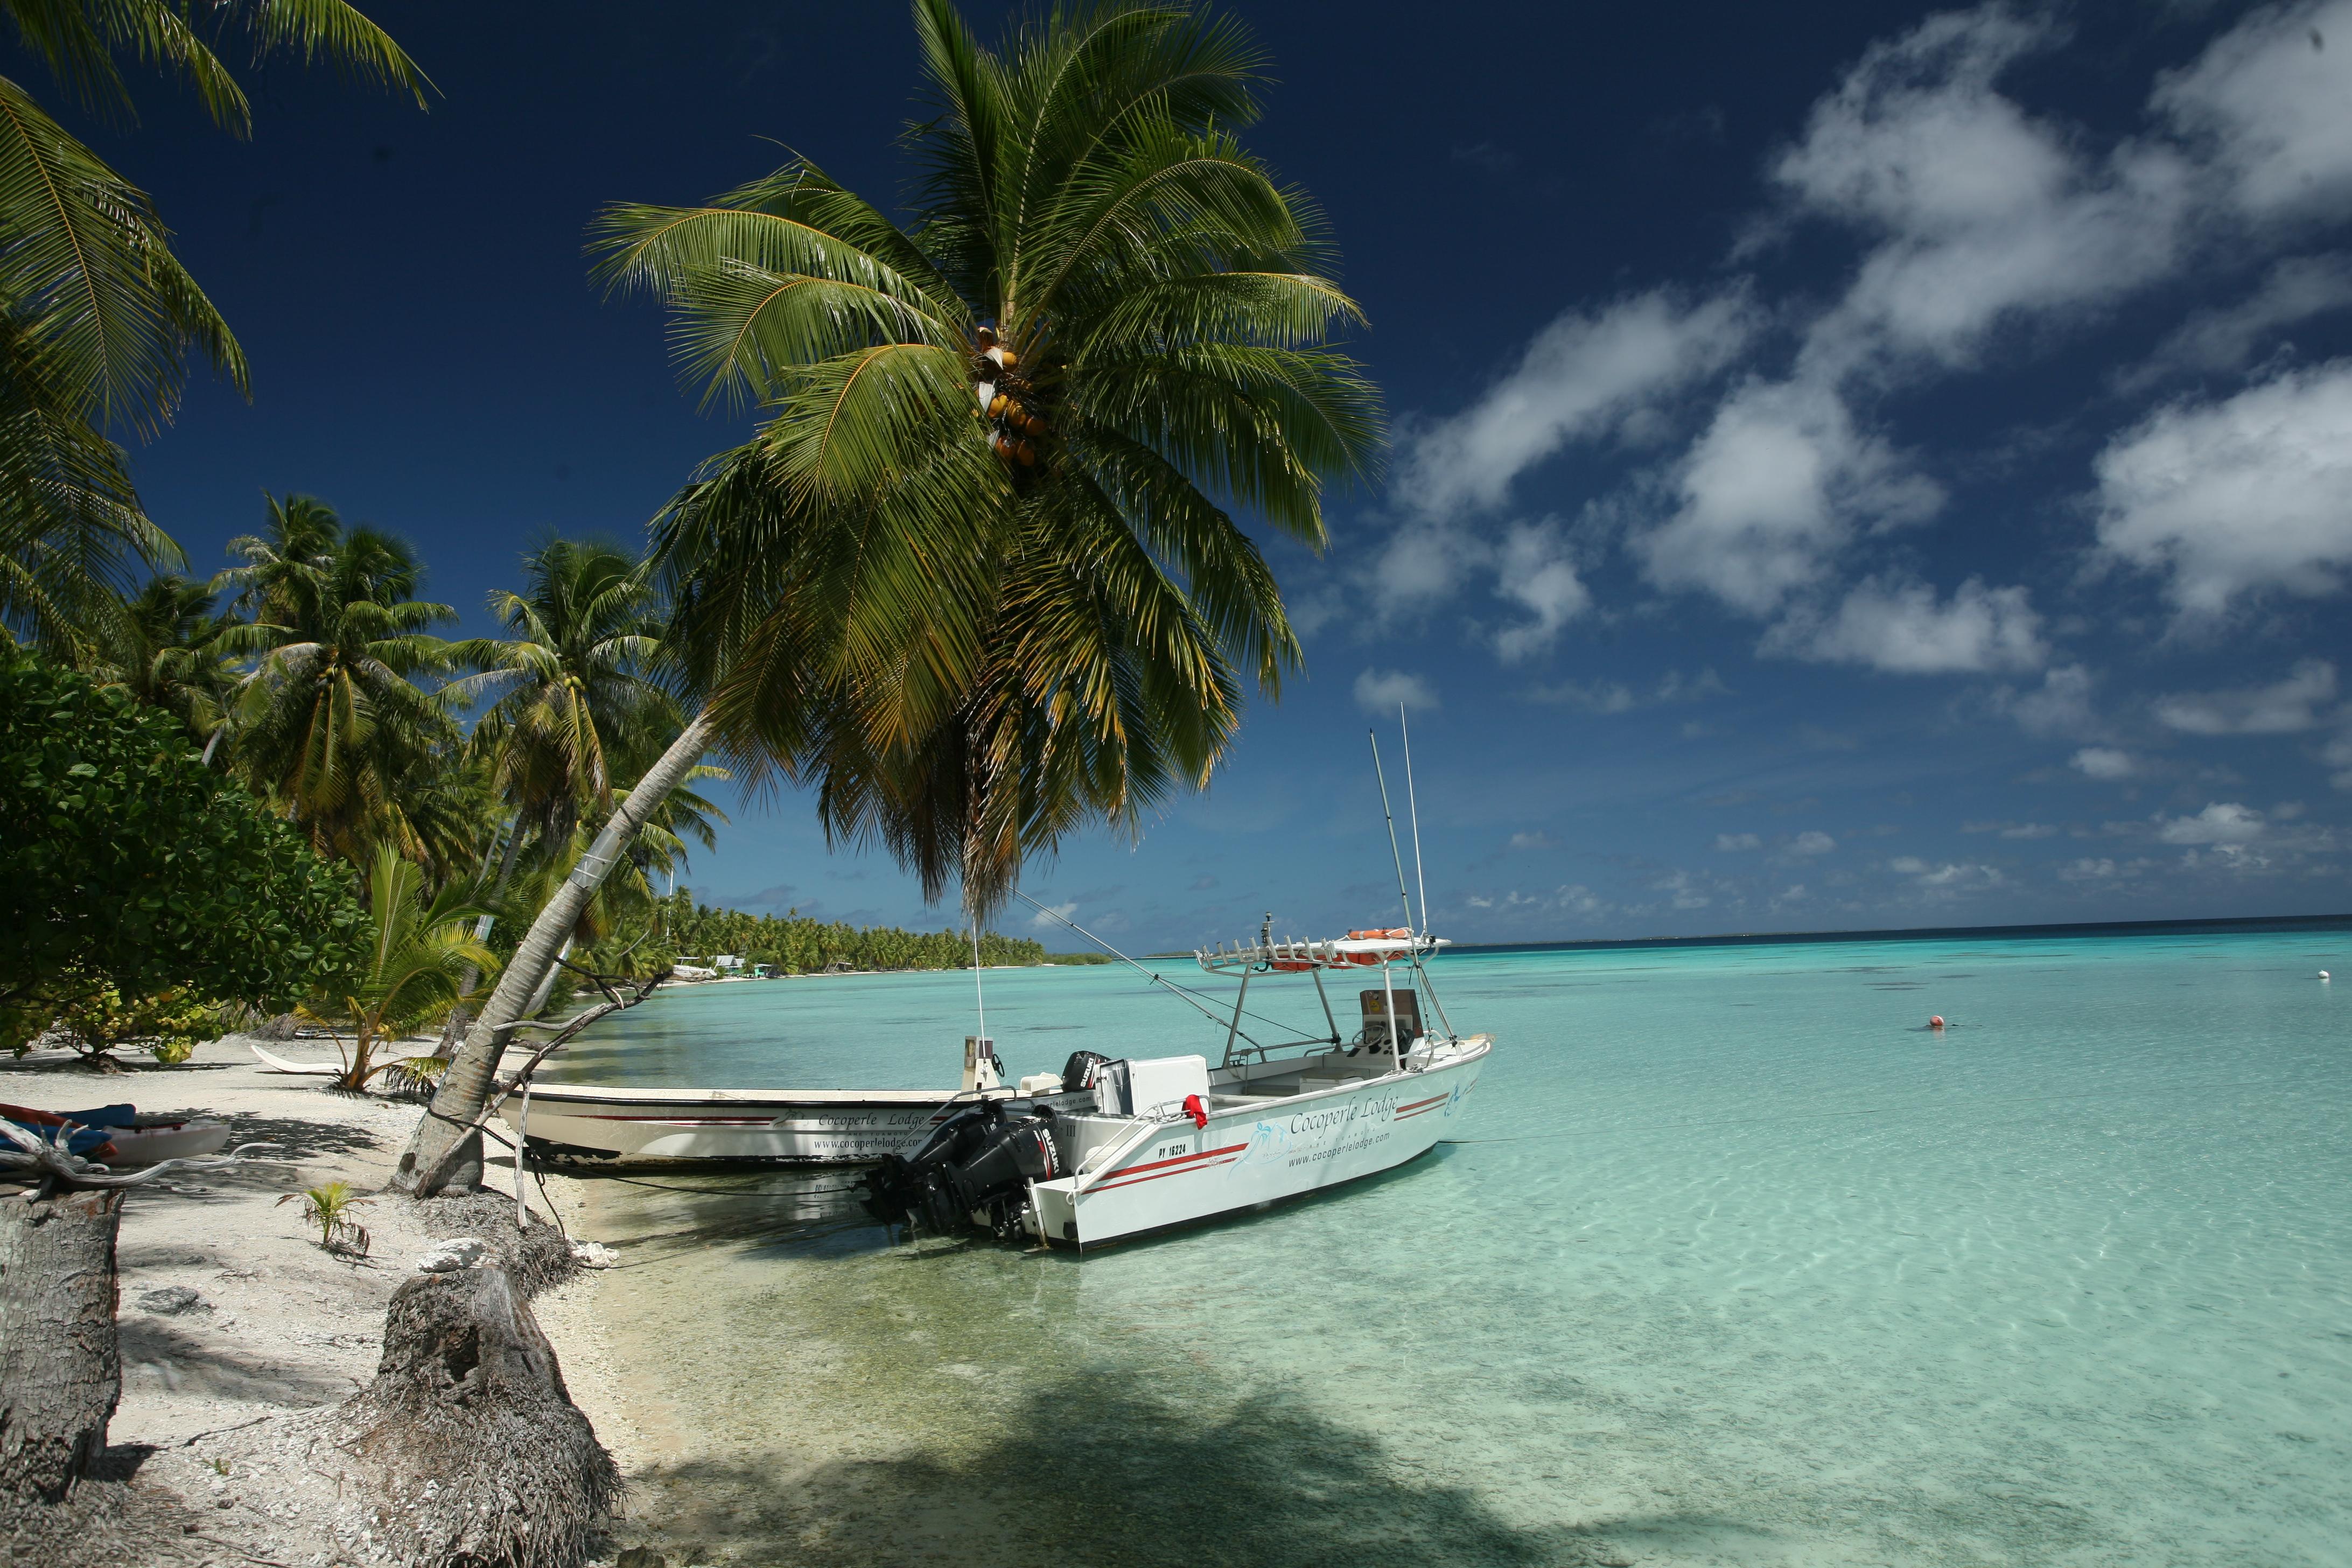 La plage devant la pension et l'un des bateaux de Franck.